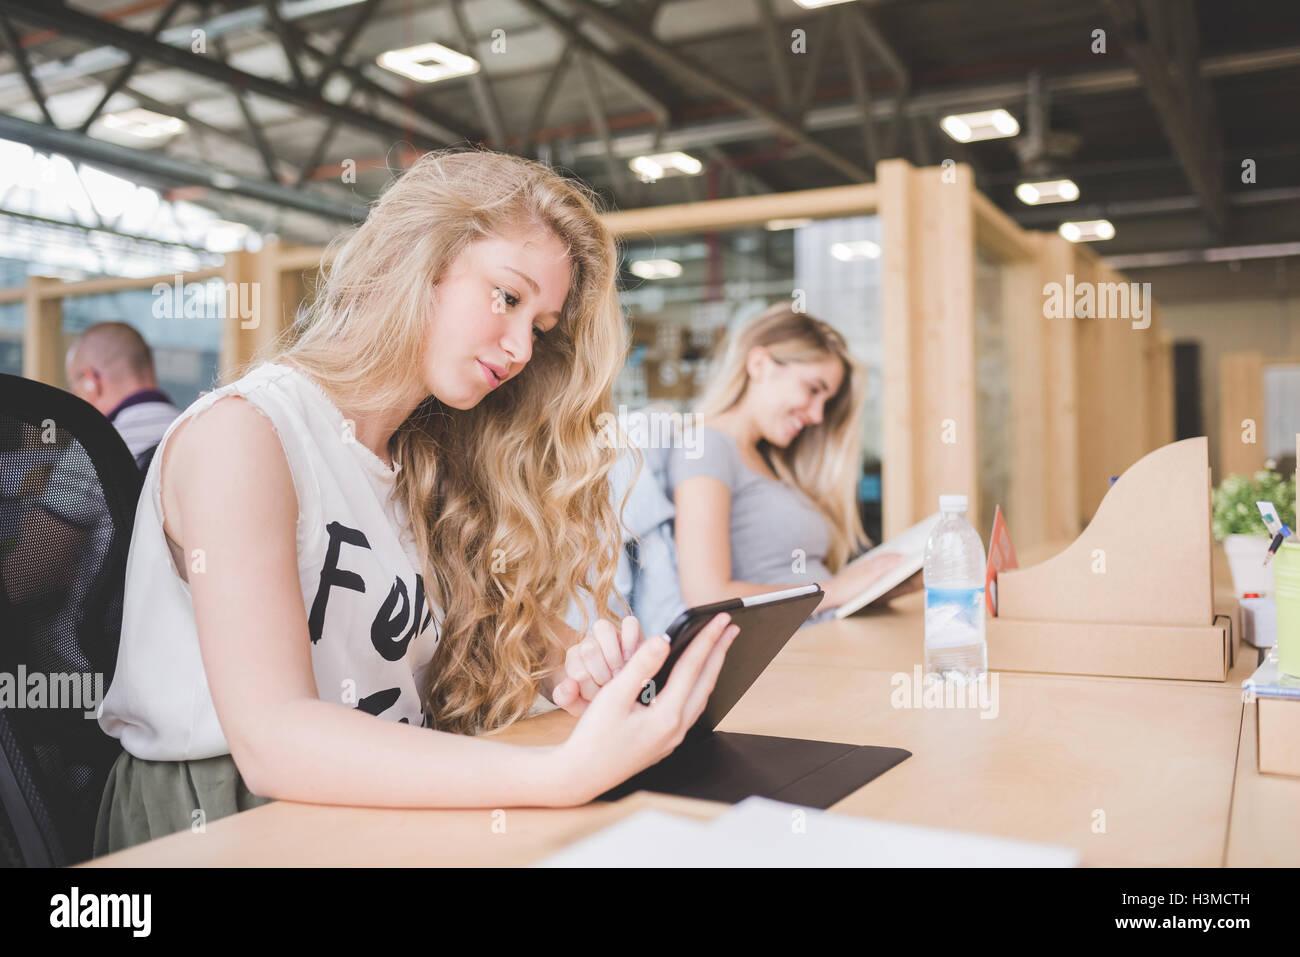 Mitarbeiter arbeiten an digital-Tablette im Großraumbüro Stockfoto